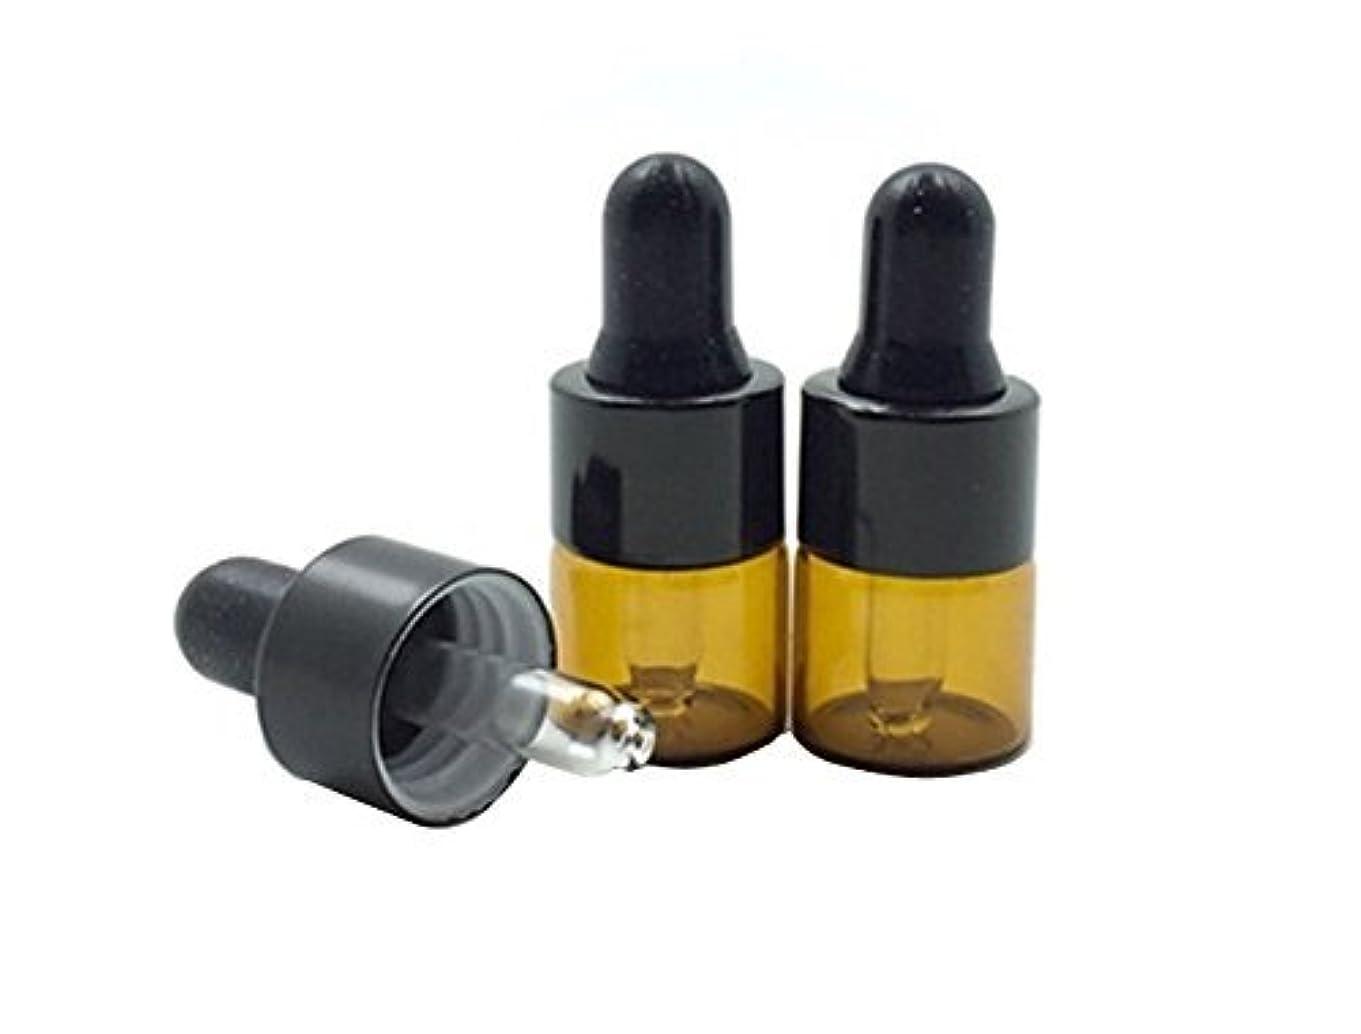 毎日真夜中証明書15 Pcs Mini Tiny 1ml Amber Glass Dropper Bottles Refillable Essential Oil Bottles Vials With Eyed Dropper For...